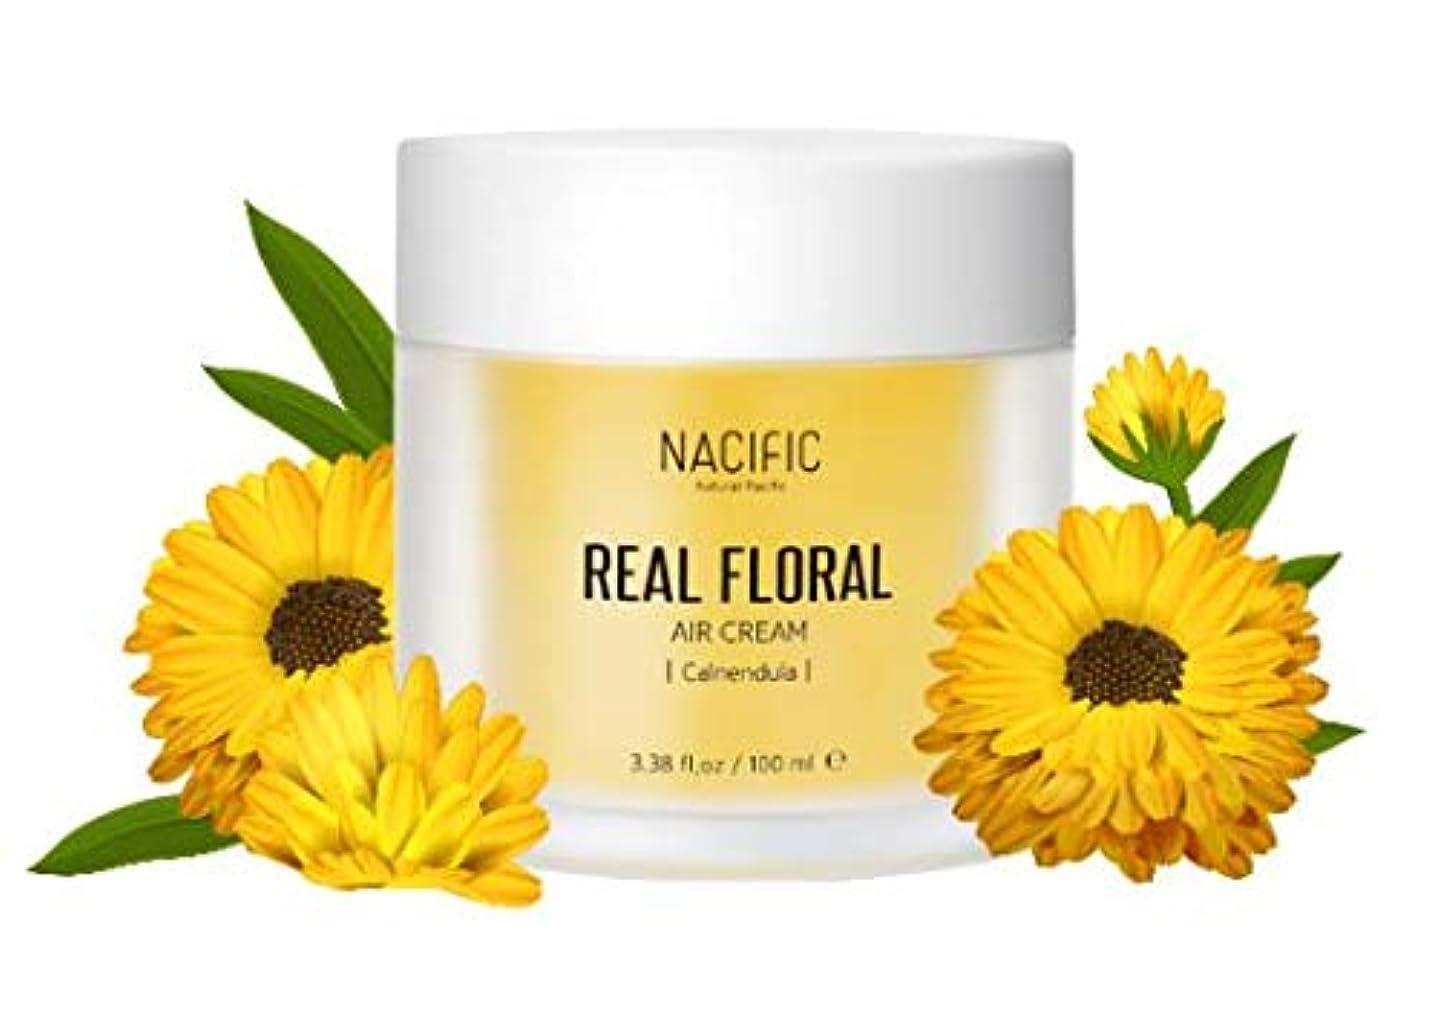 最終安全性クモ[Nacific] Real Floral Air Cream 100ml (Calendula) /[ナフィック] リアル カレンデュラ エア クリーム 100ml [並行輸入品]